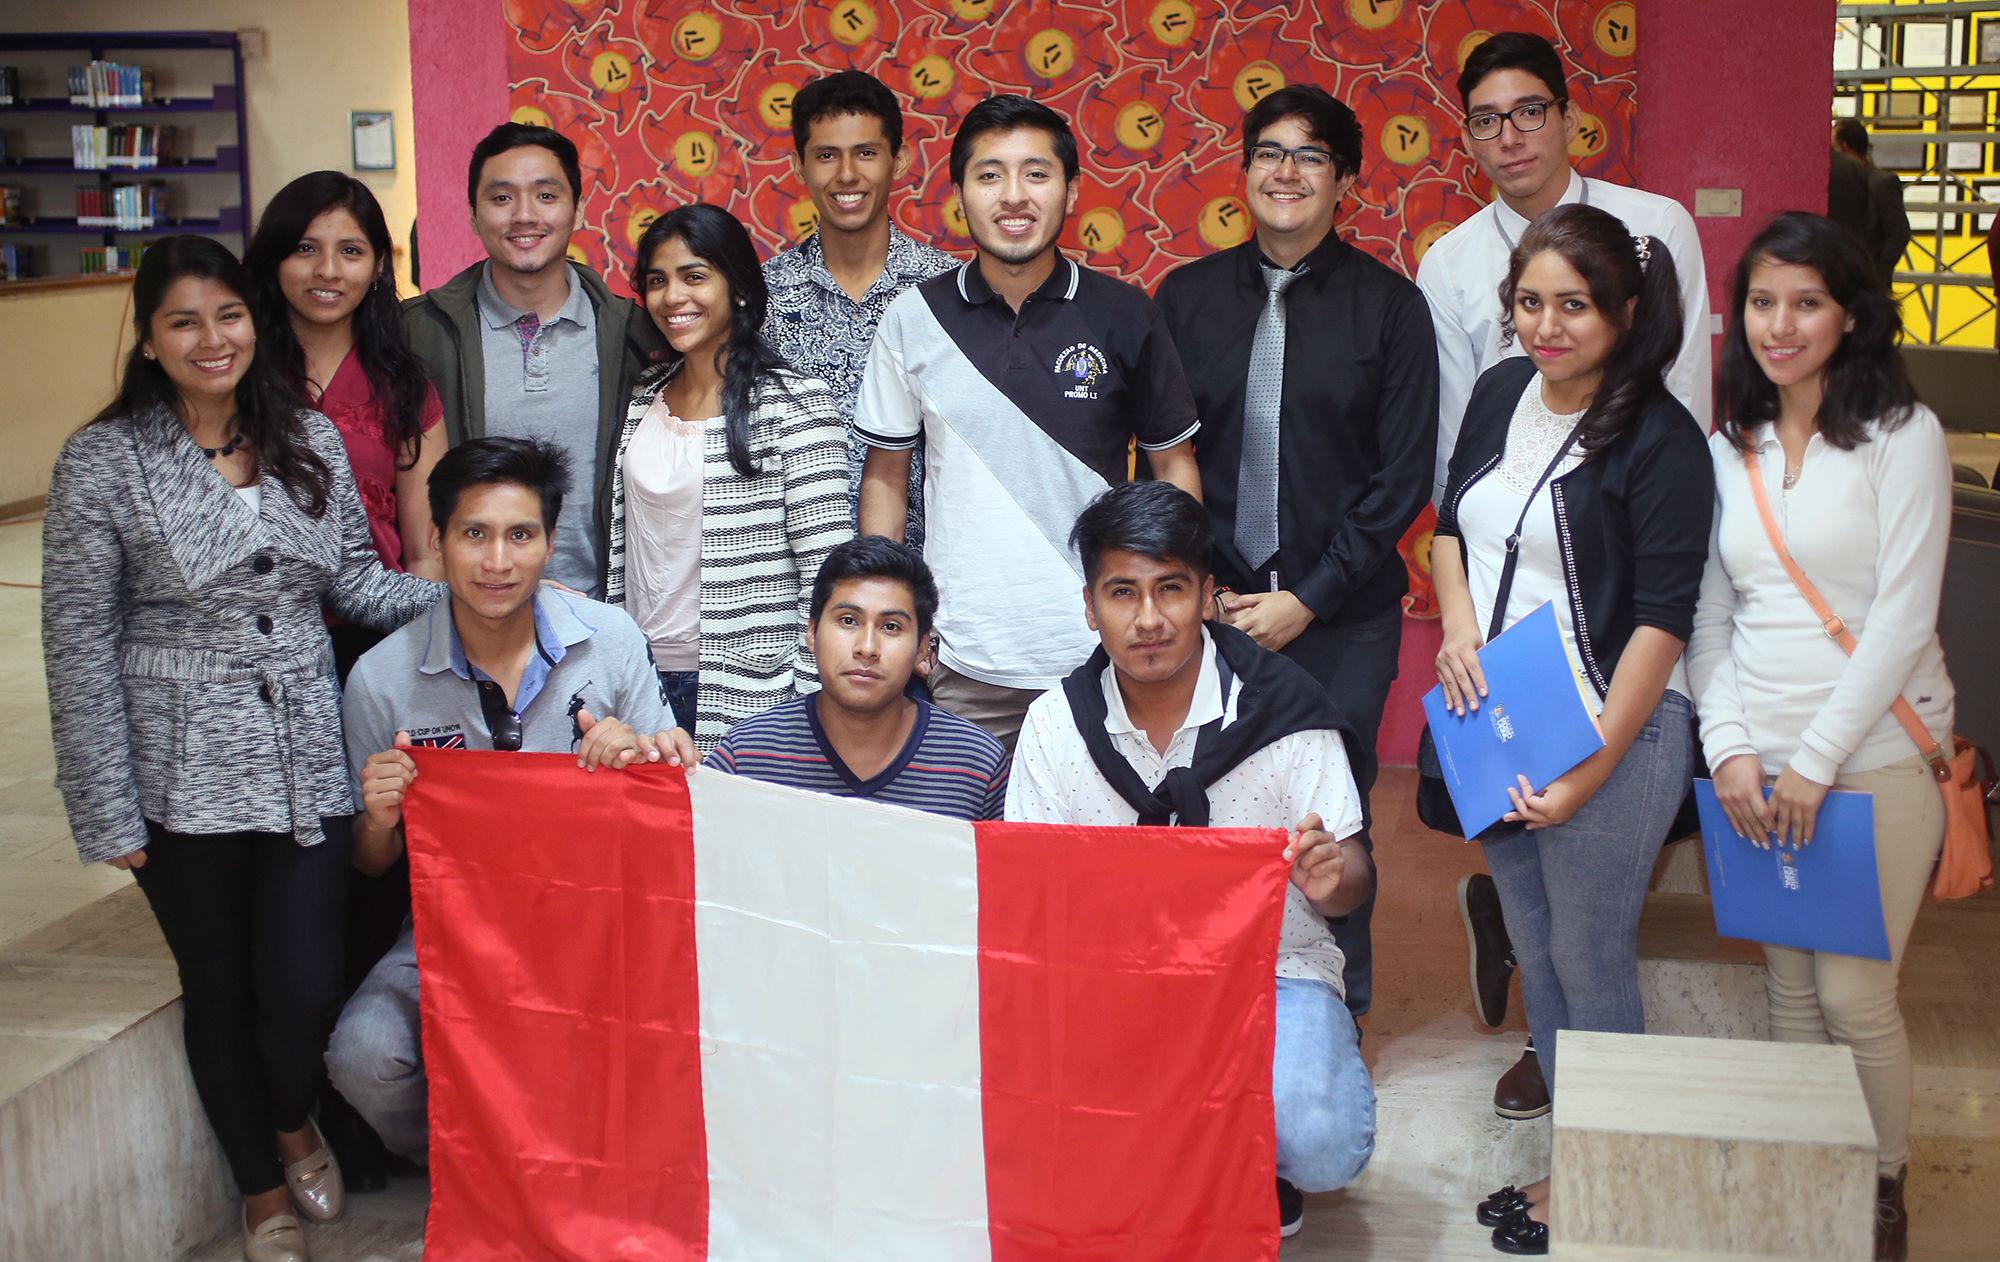 Estudiantes procedentes de Perú